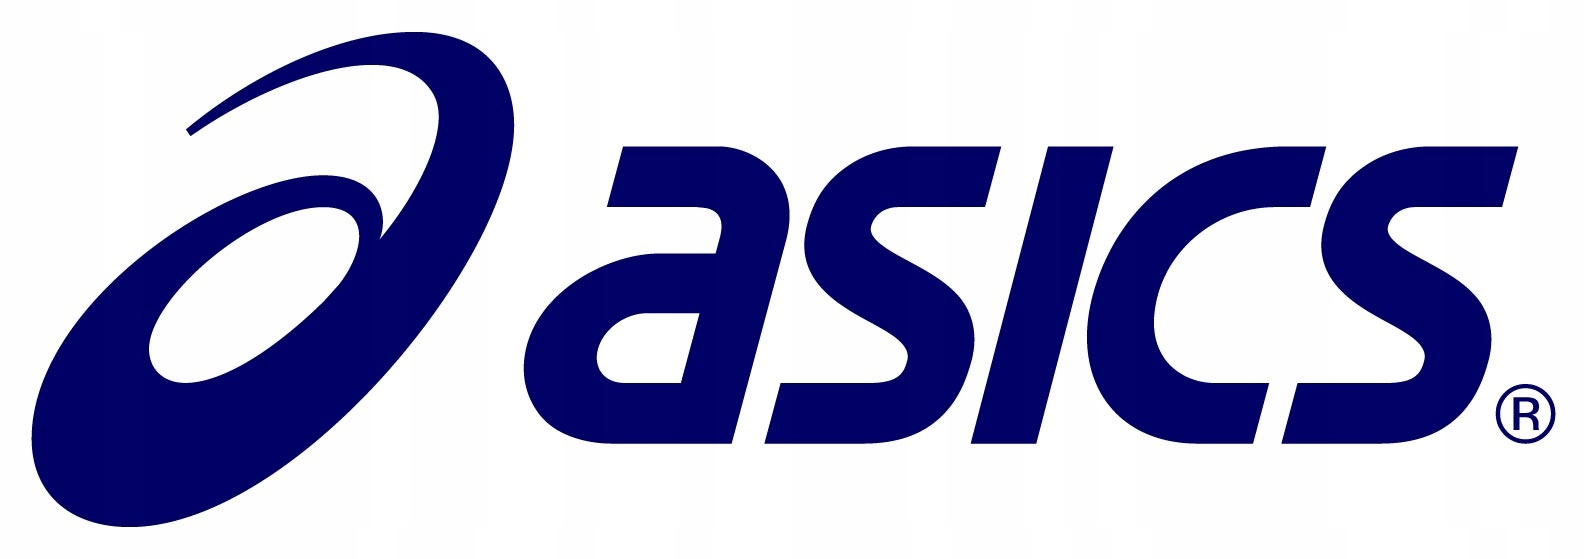 самом- асикс логотип фото сами виноваты, поскольку